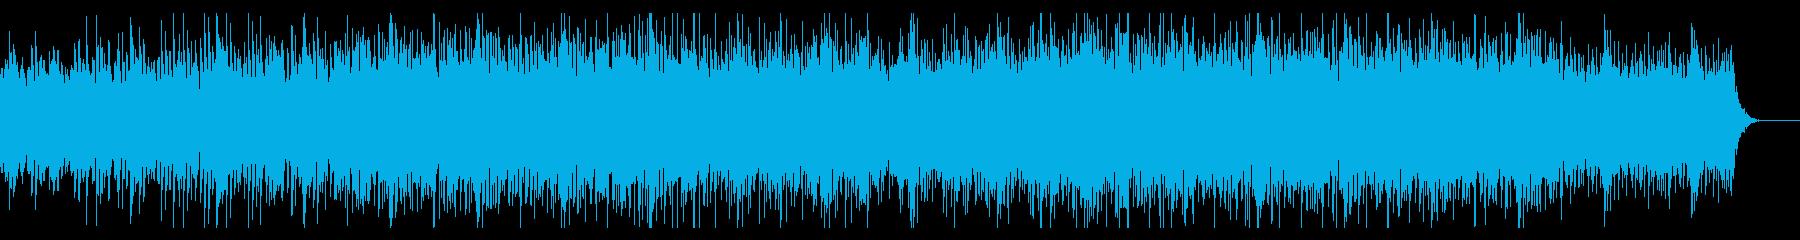 ダークでディープなハウス・テクノの再生済みの波形